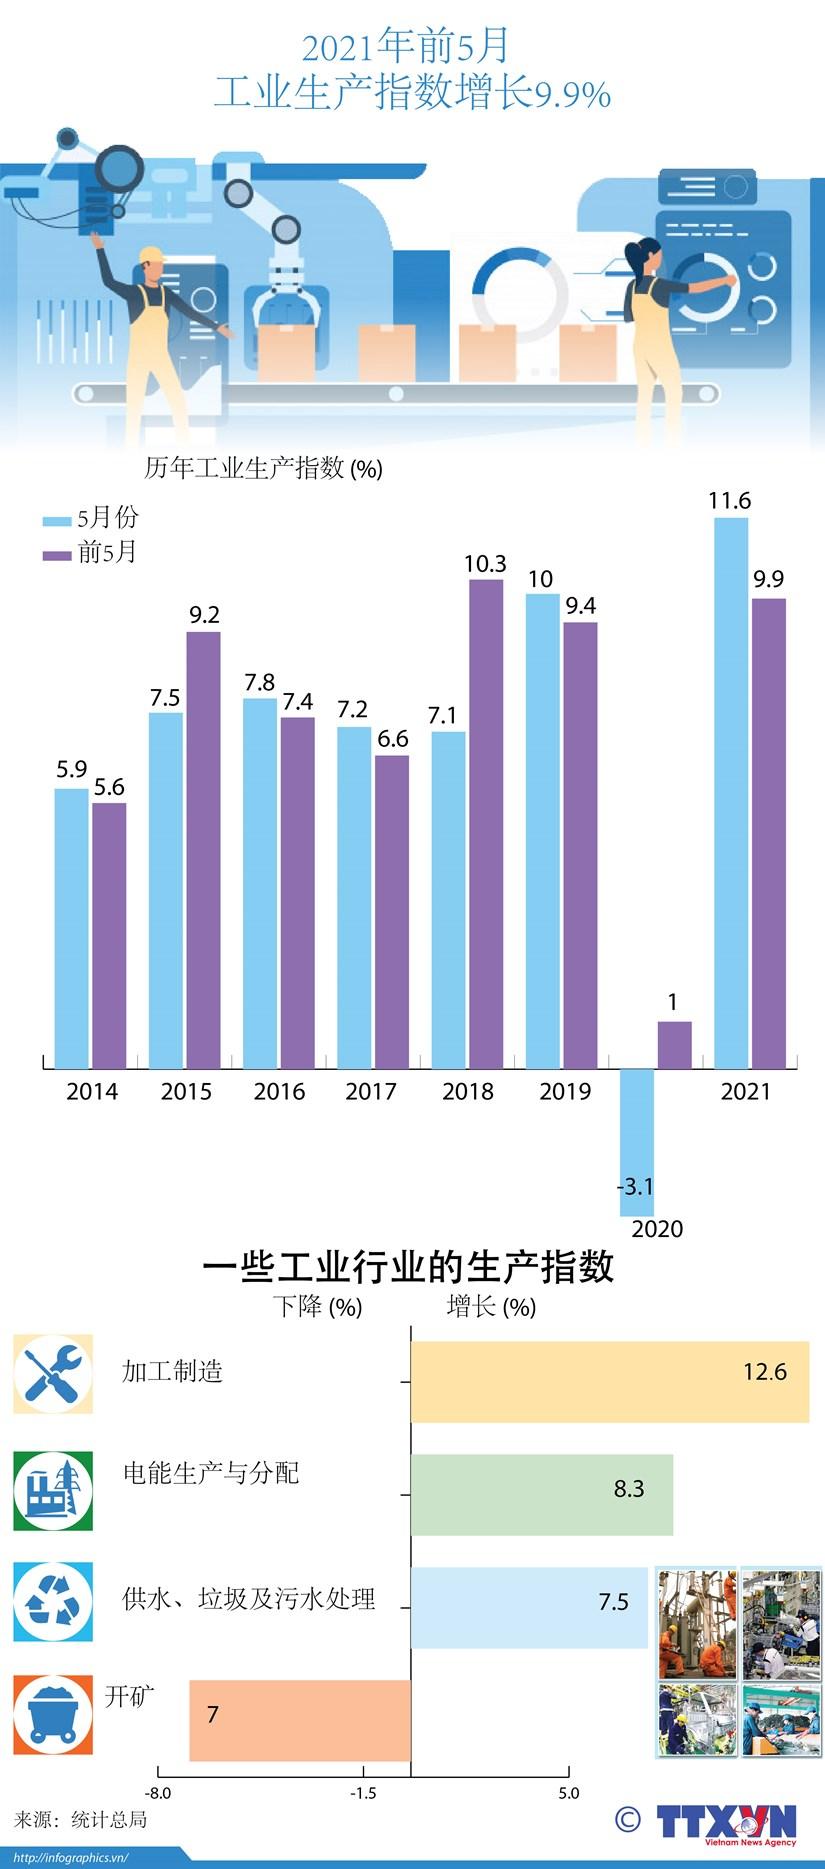 图表新闻:2021年前5月工业生产指数增长9.9% hinh anh 1